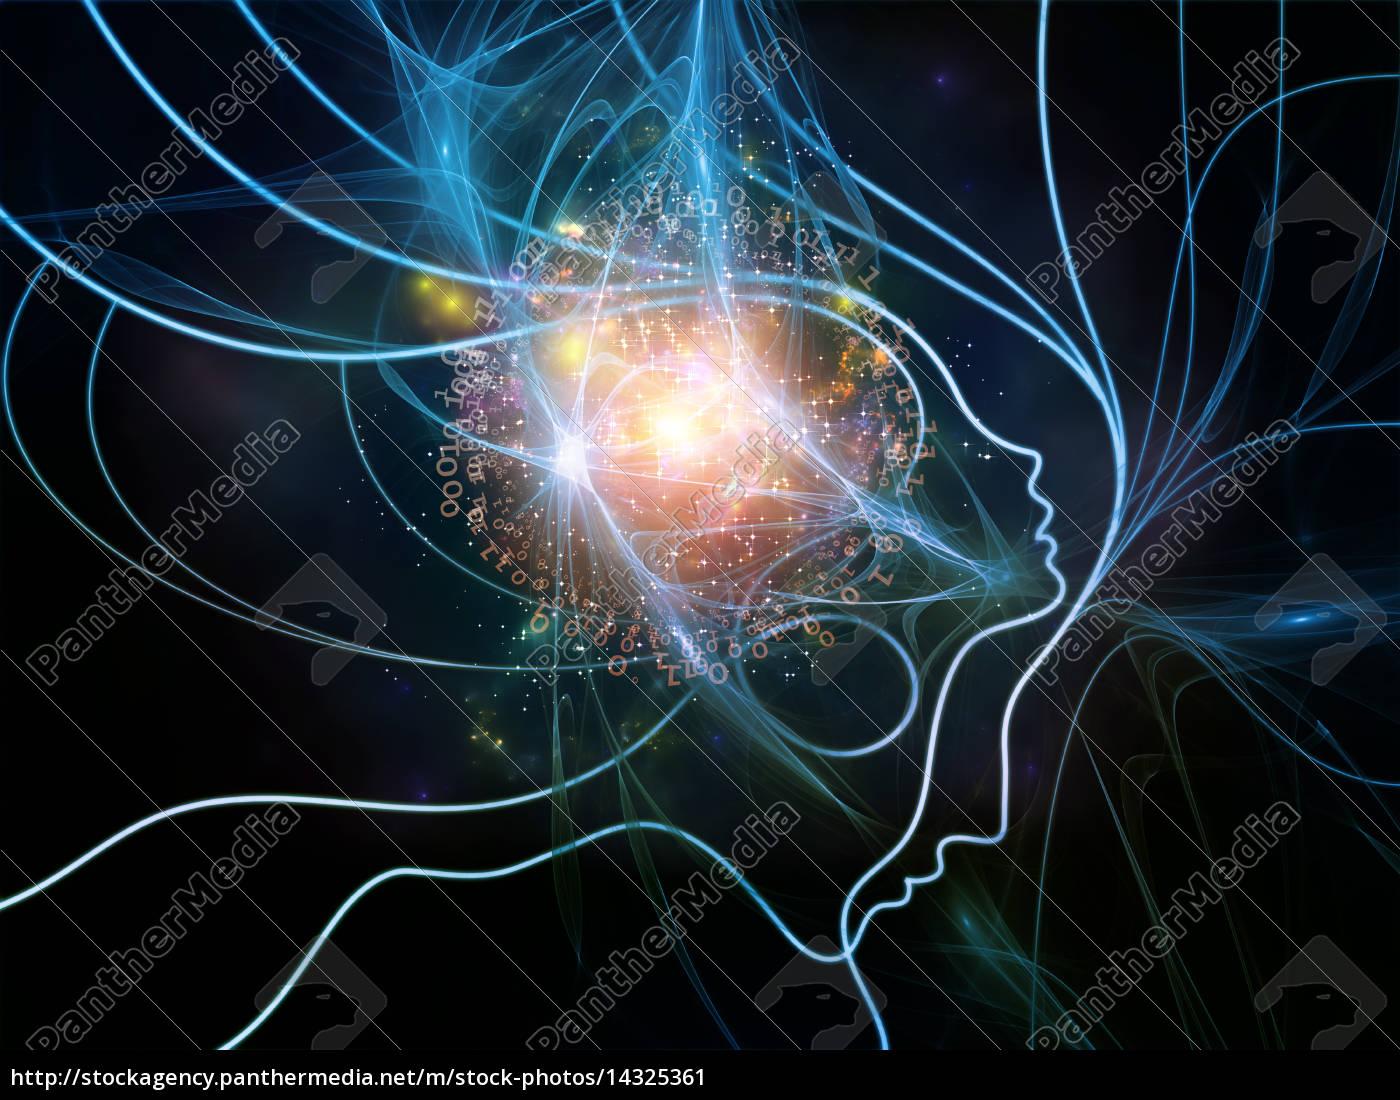 luci, di, rete, di, pensiero - 14325361